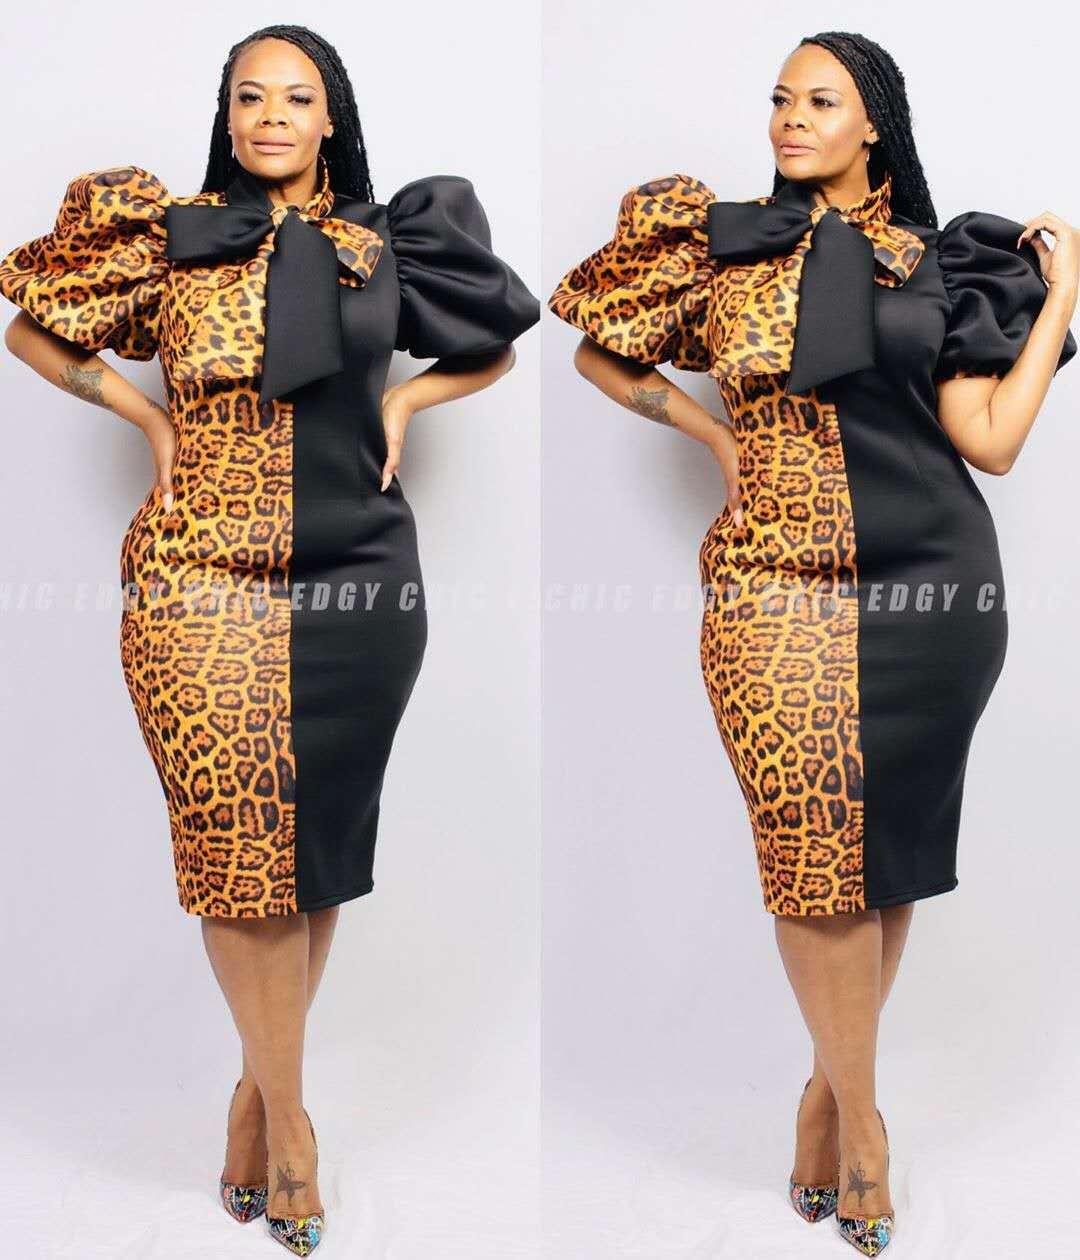 674款欧美加大码女装新款拼色豹纹印花胖女人肥婆装泡泡袖